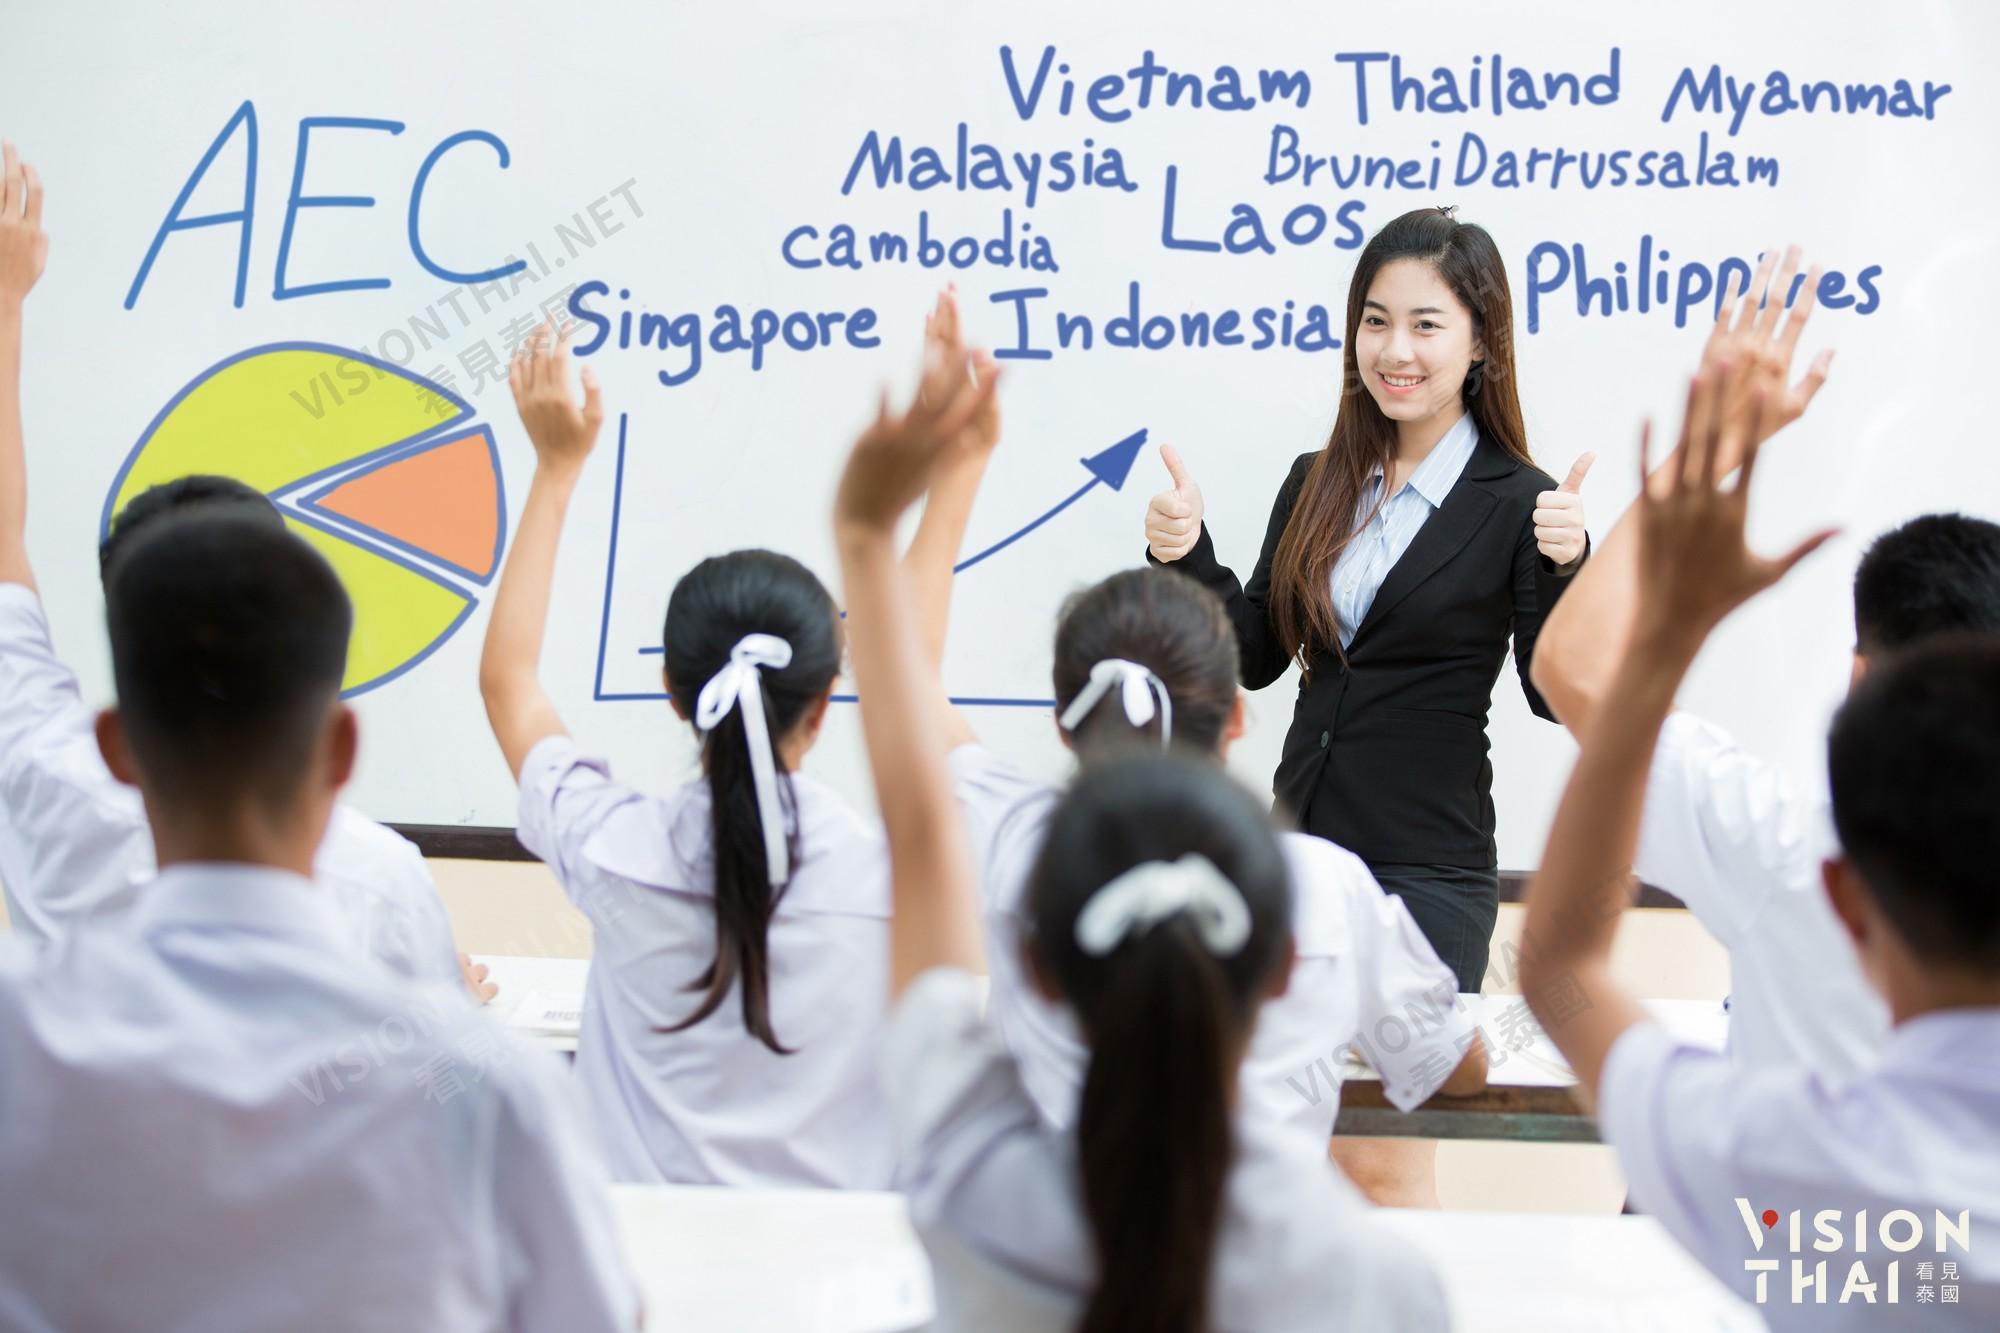 【旅遊泰文】學好這10個超實用泰語,給你的泰國之旅增添更多樂趣!